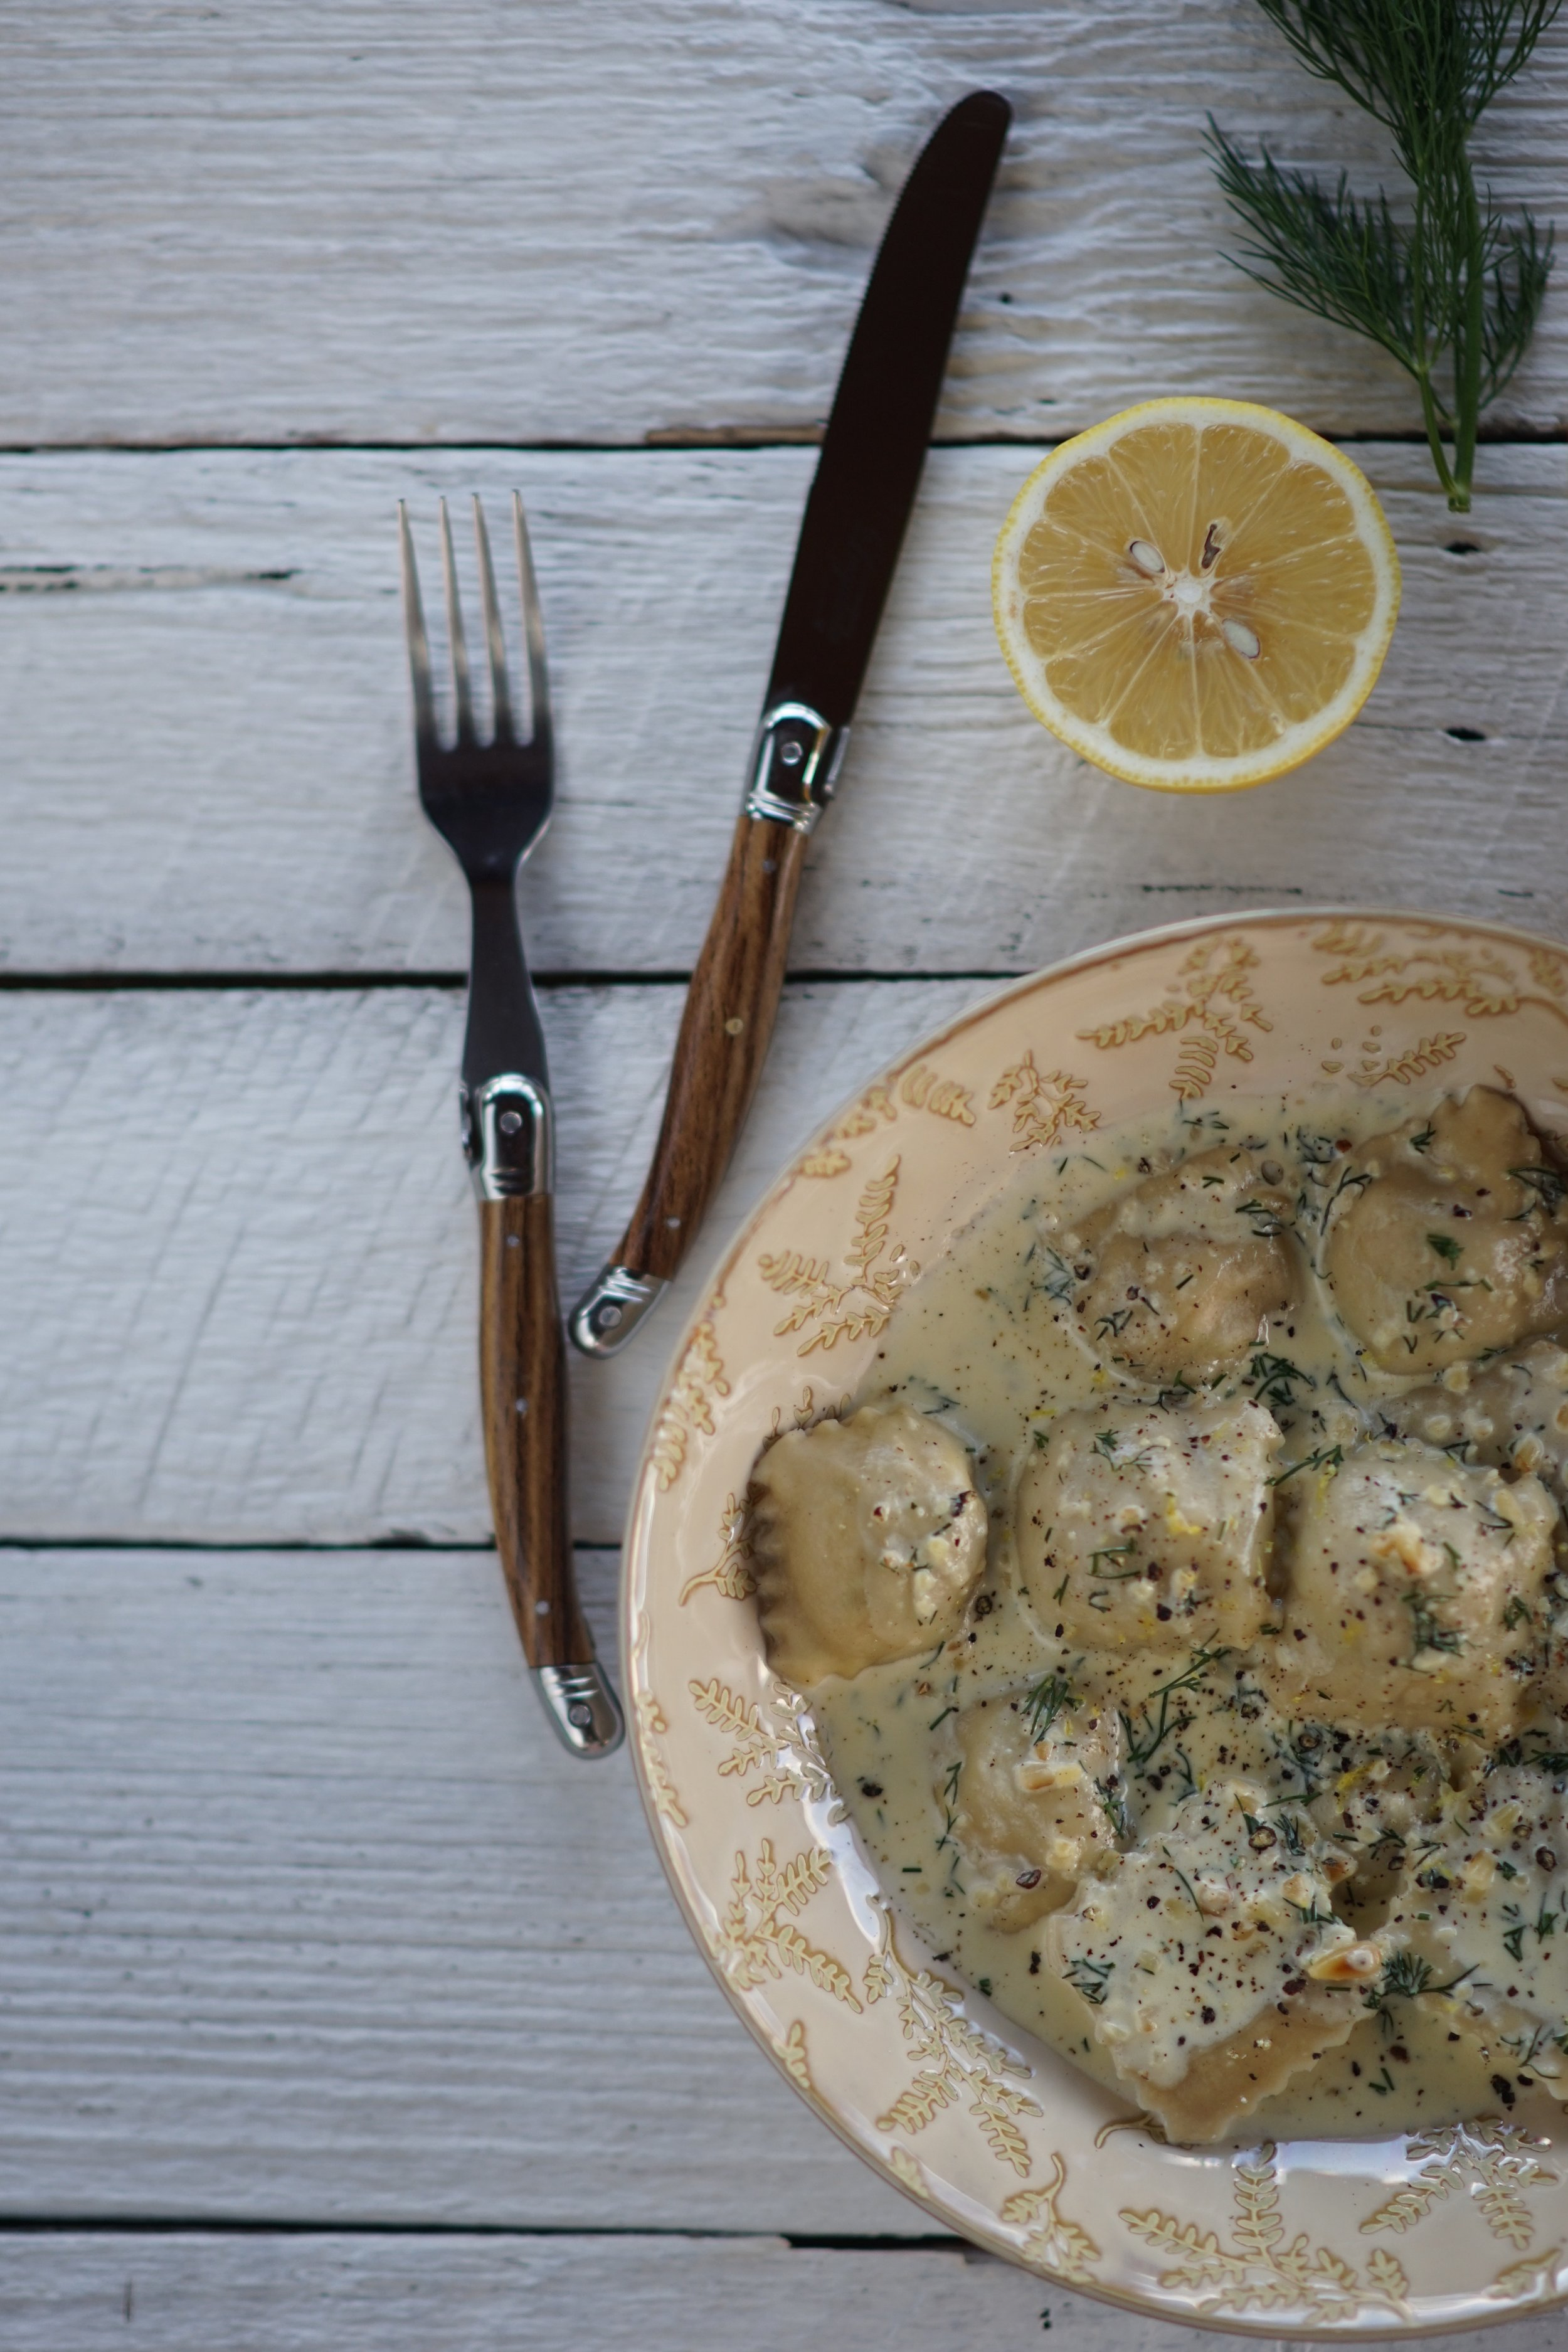 Pine mushroom ravioli